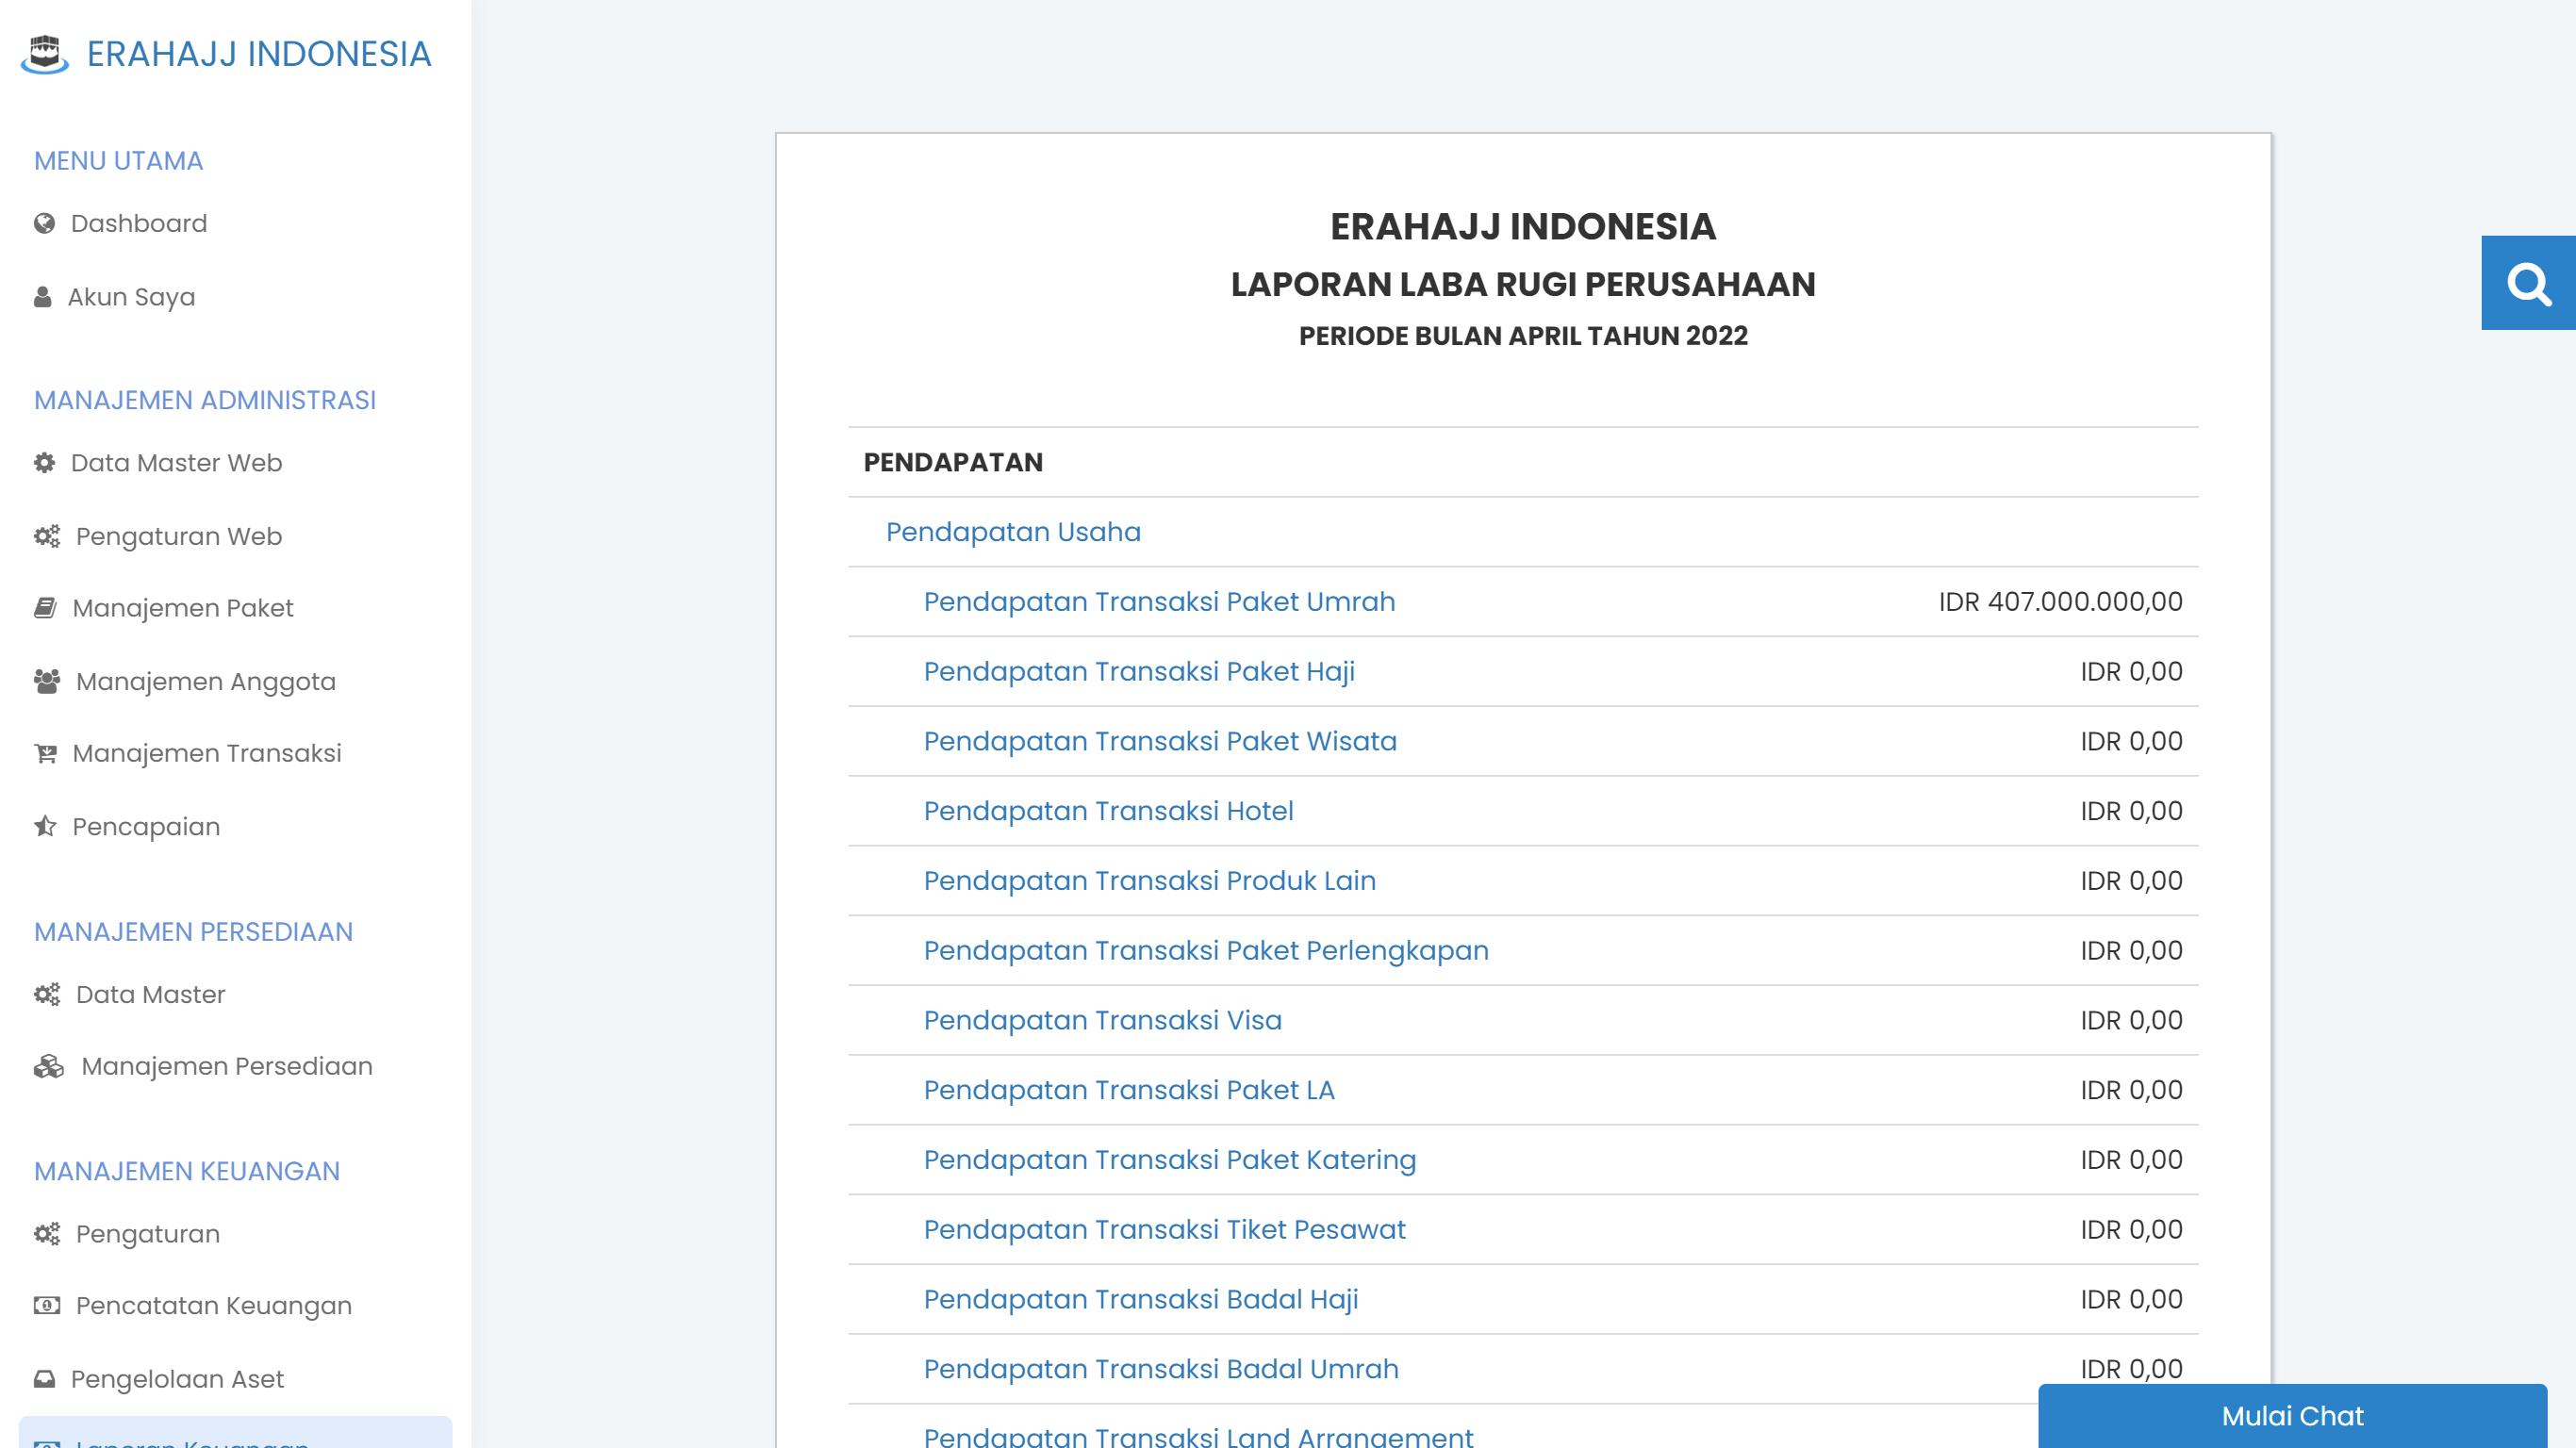 Laporan Laba Rugi Keuangan Perusahaan